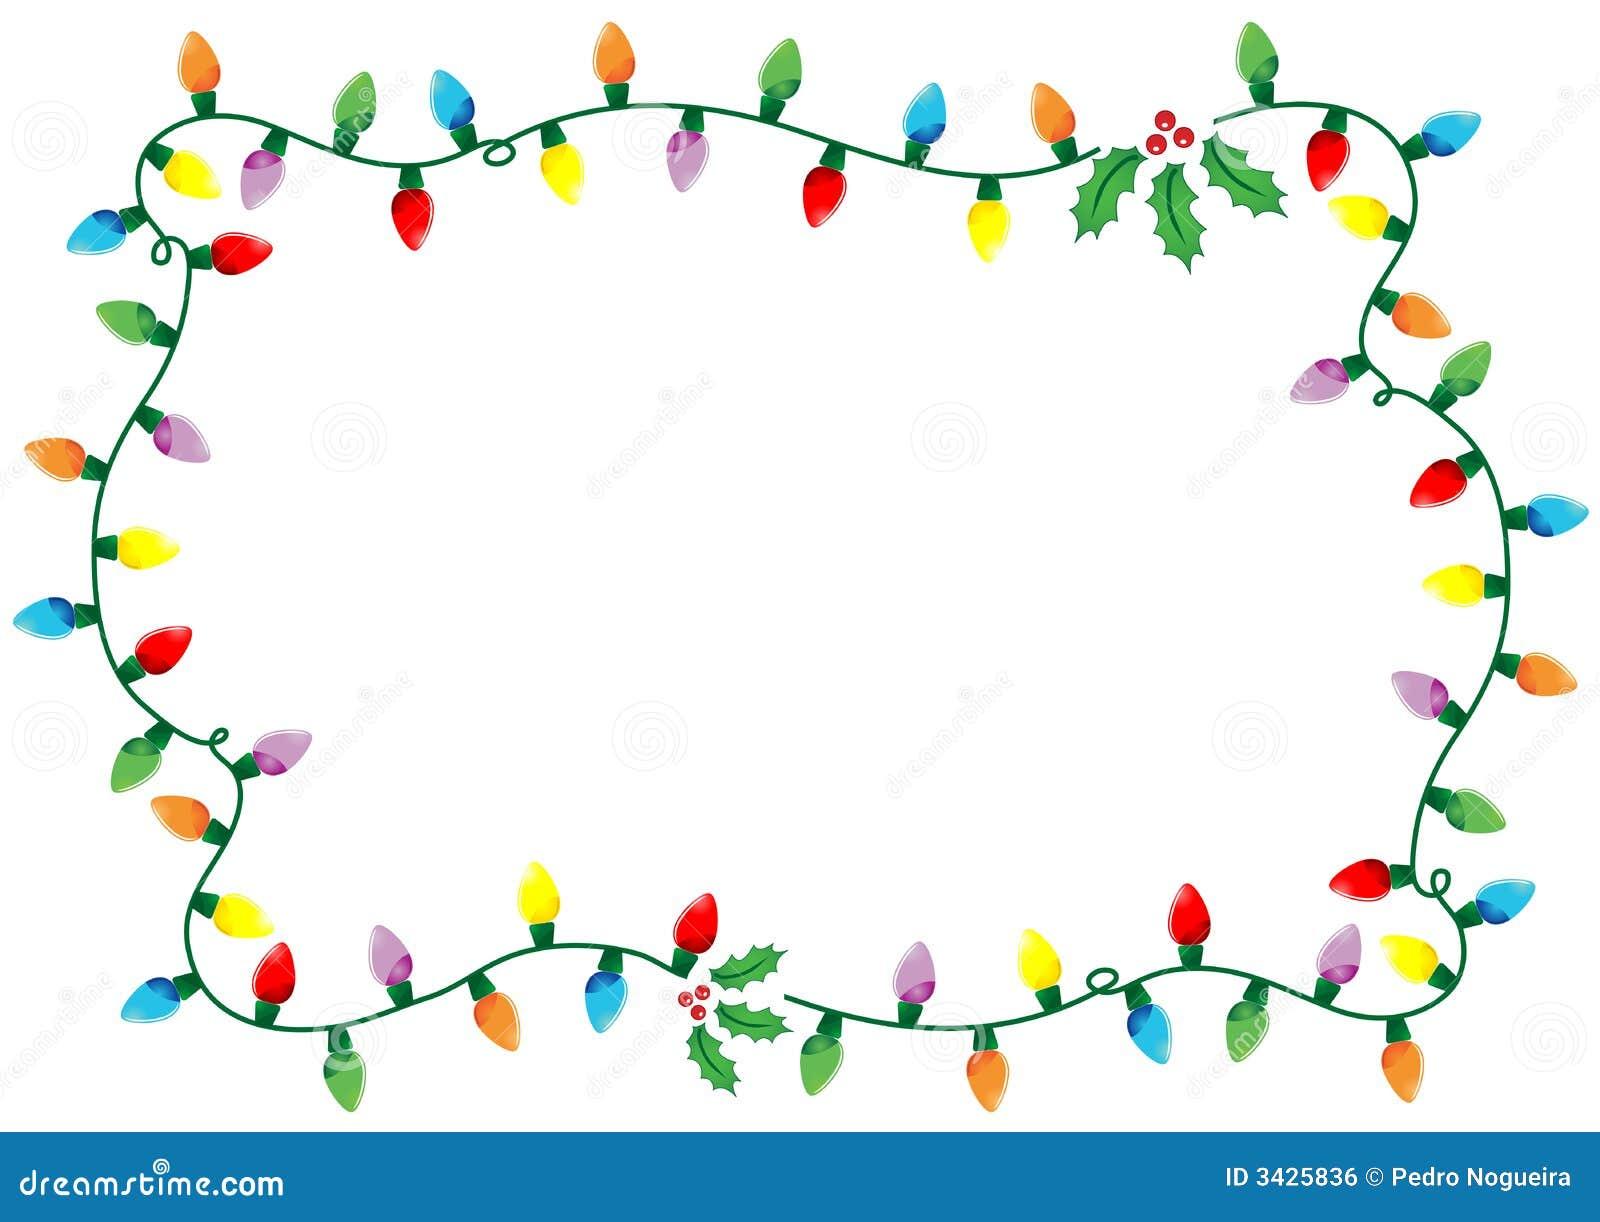 Christmas Lights Border Png